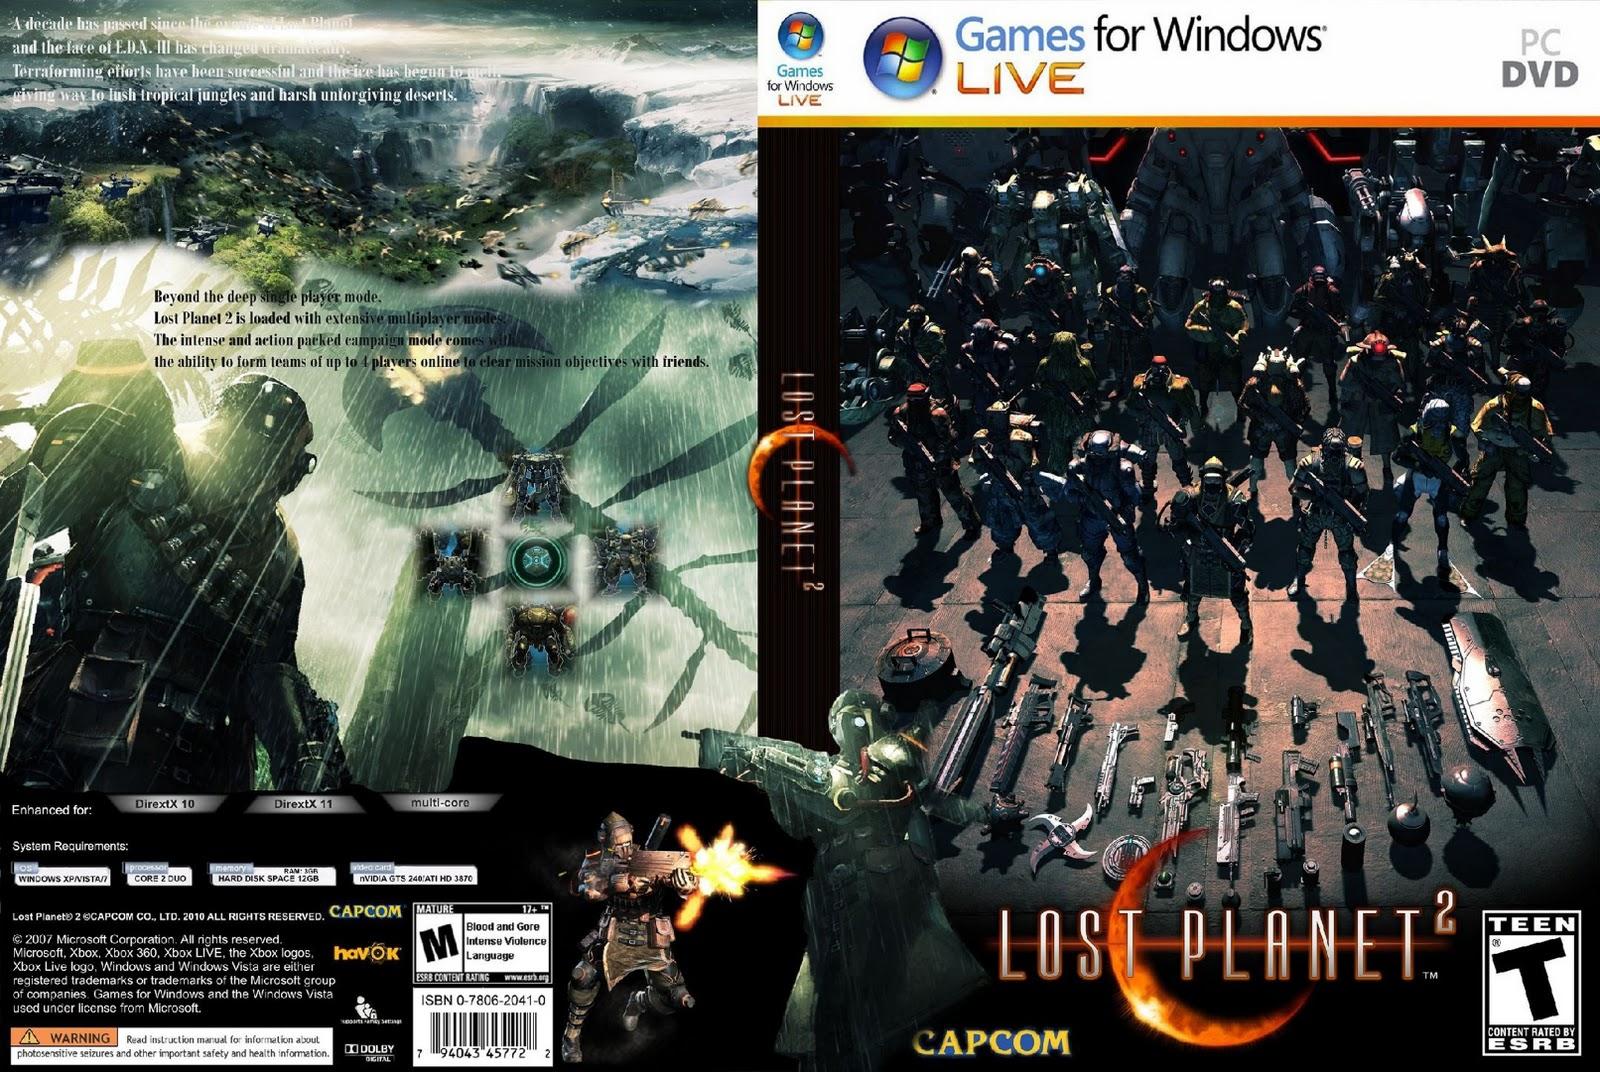 http://3.bp.blogspot.com/-xaXX7lt6sHU/TVQ4__X-V3I/AAAAAAAAJ0A/350Gys6MMwU/s1600/lost_planet_2_2010_custom_dvd-pc_box.jpg